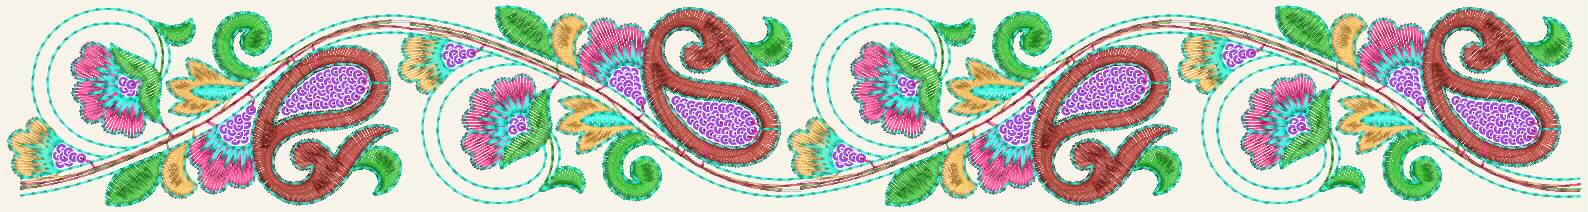 süße Paisley Figur Stickerei-Designer Spitzen Grenze für Saris und Kleider.